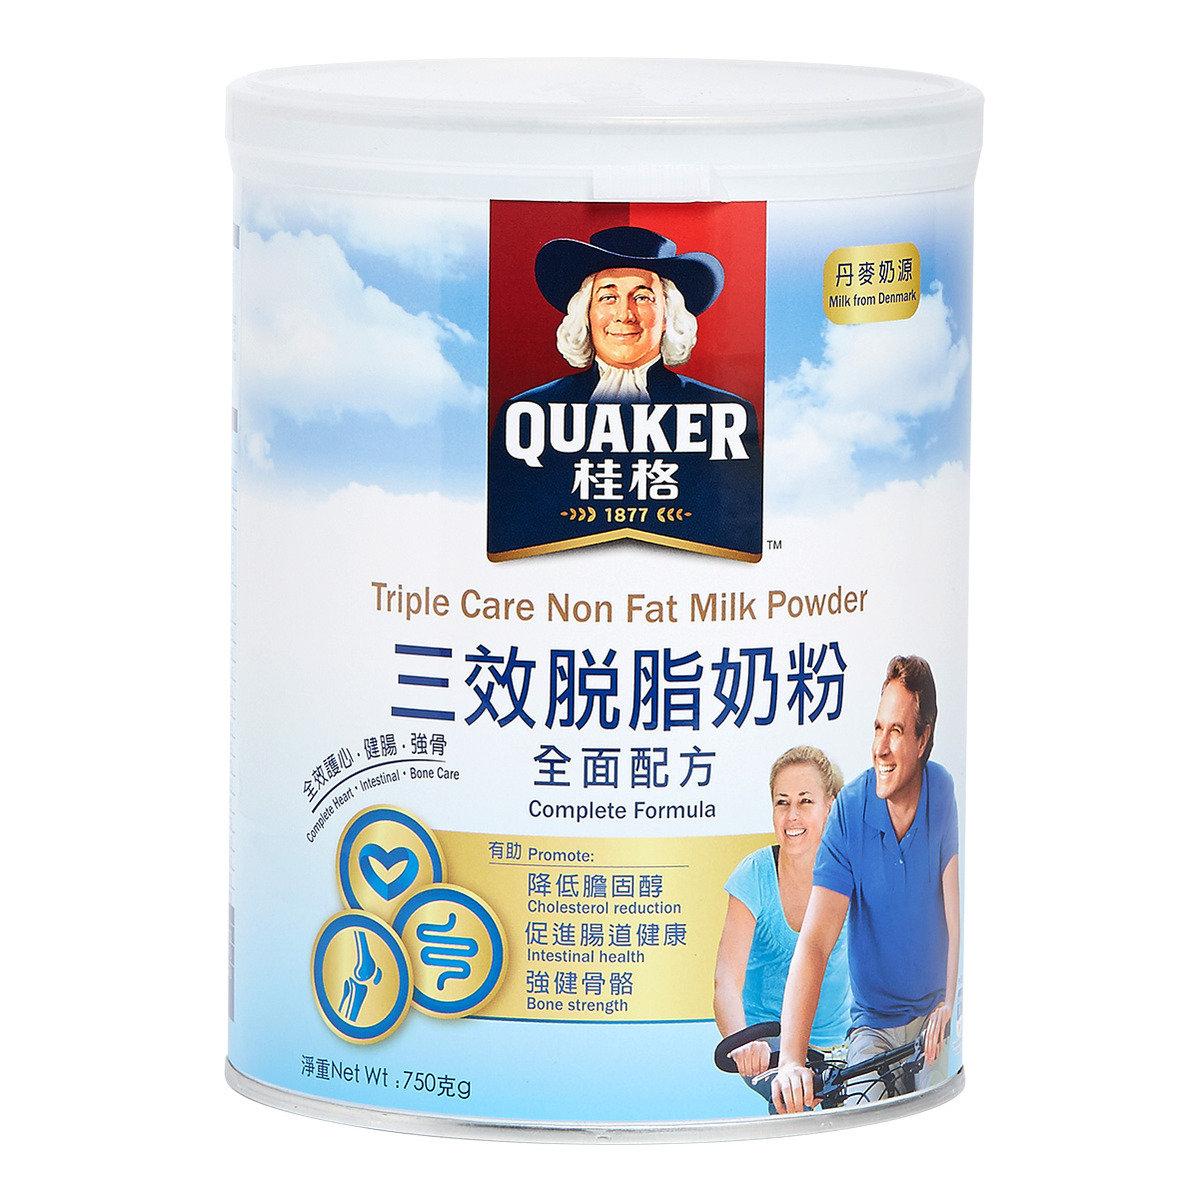 桂格三效脫脂奶粉 - 全面配方